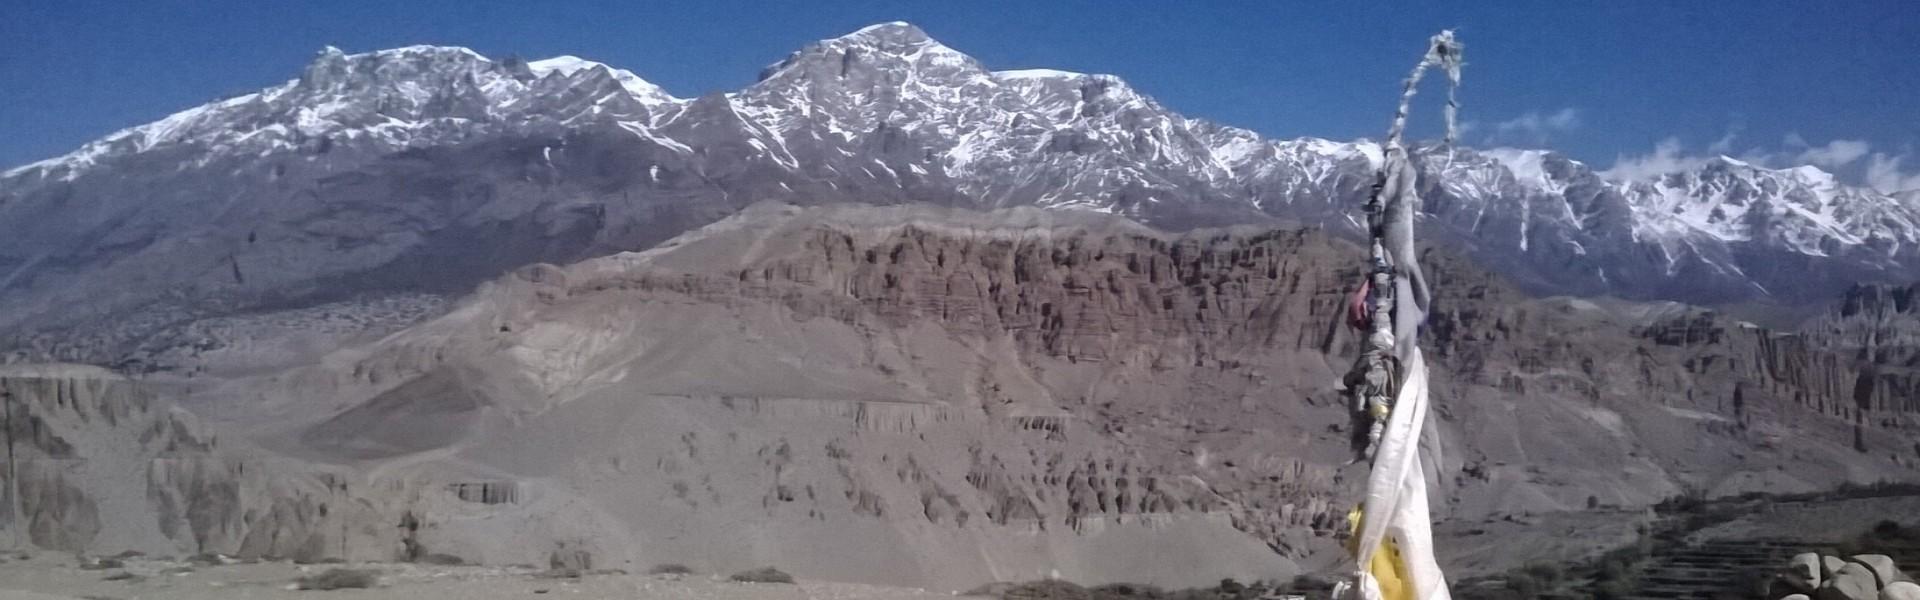 Upper Mustang Trek Blog